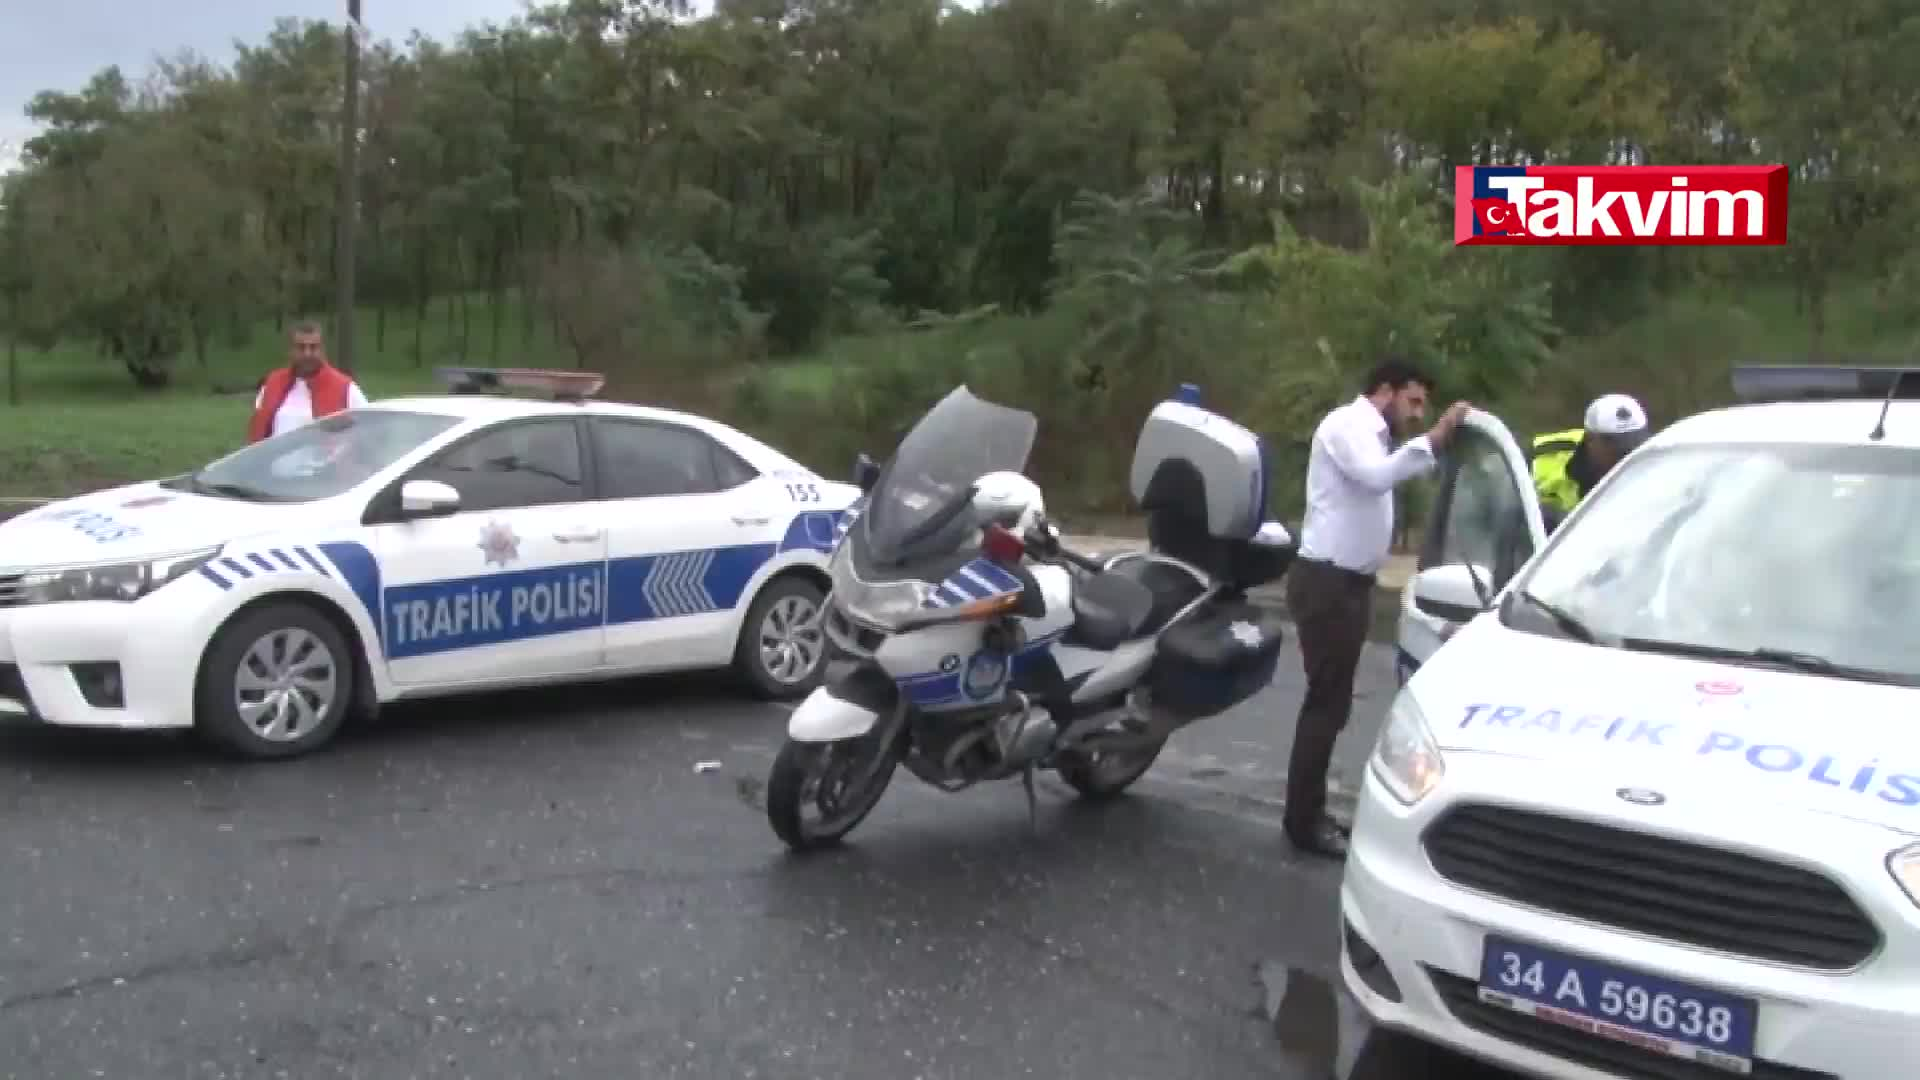 Istanbul Polisi Drone Ile Trafik Denetimine Devam Ediyor Haber